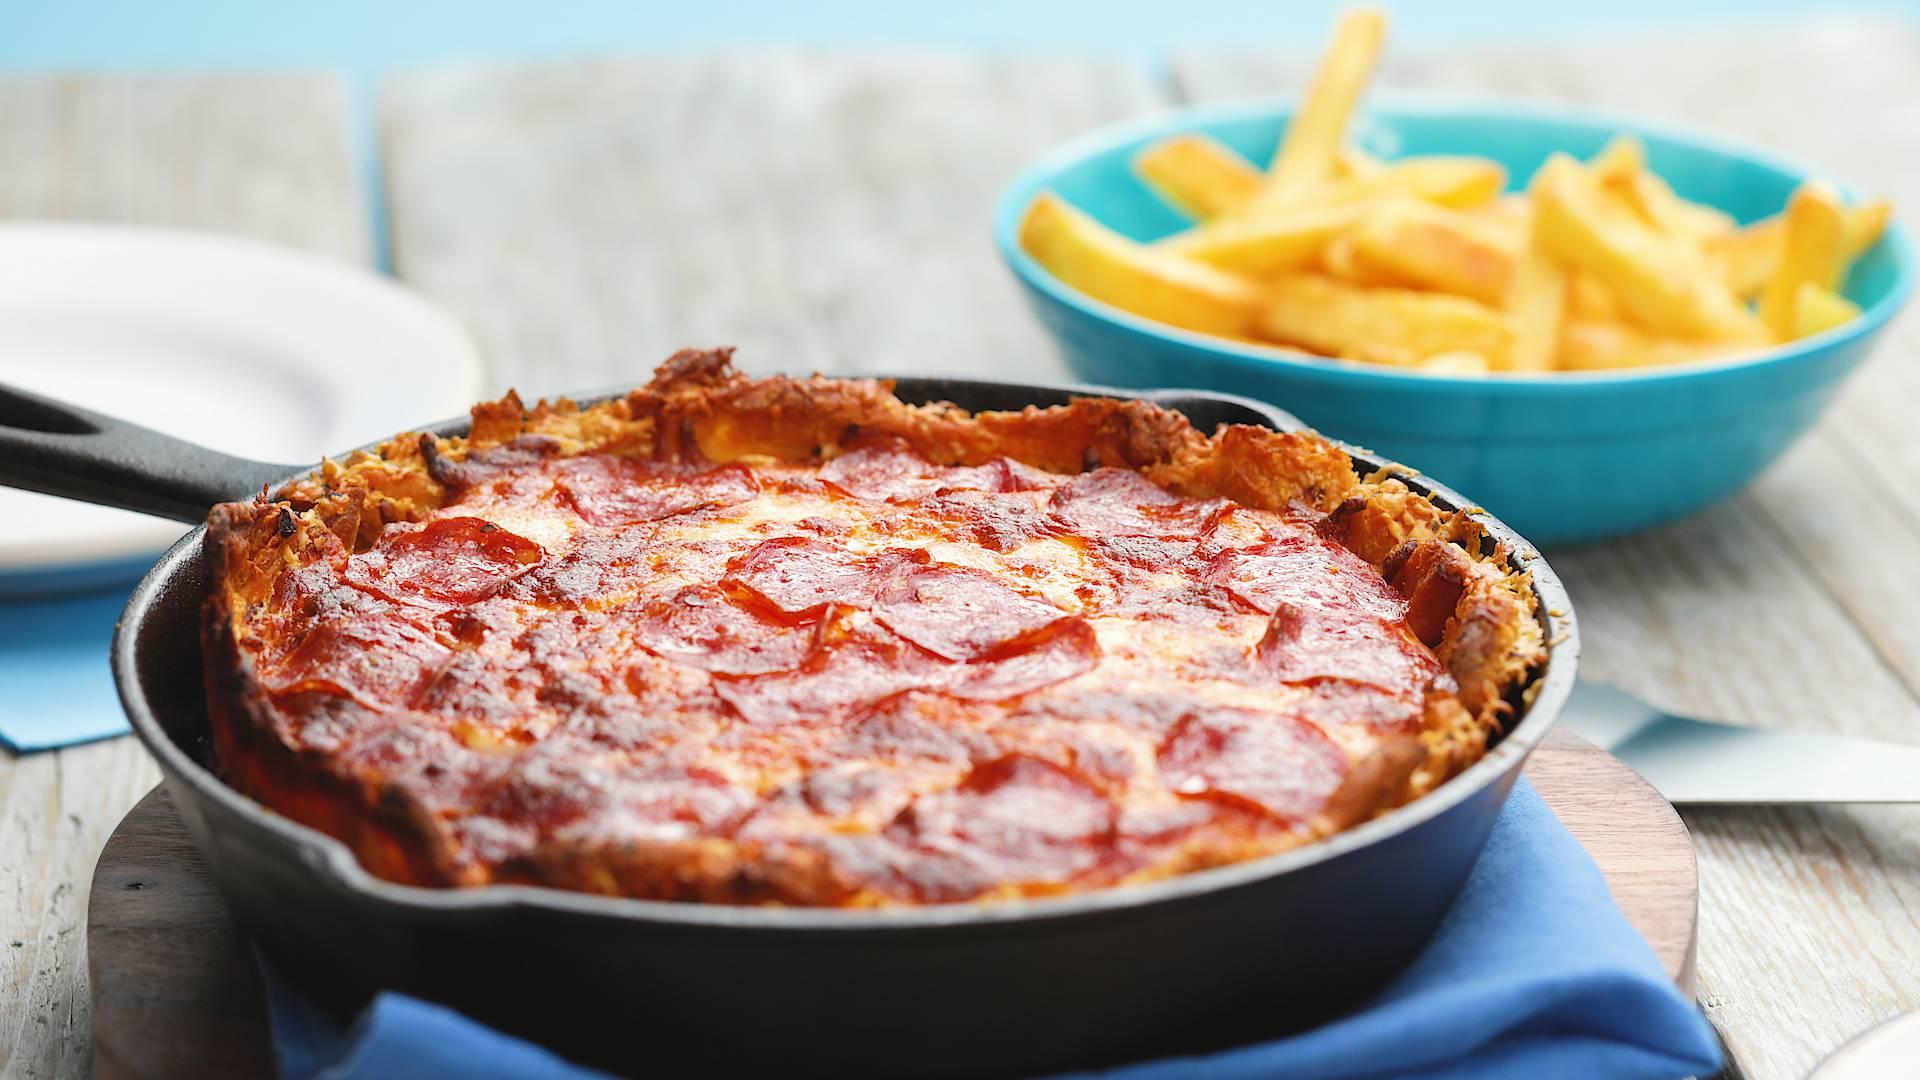 Ovakvu pizzu nikada niste jeli: Podloga nije tijesto već pomfrit